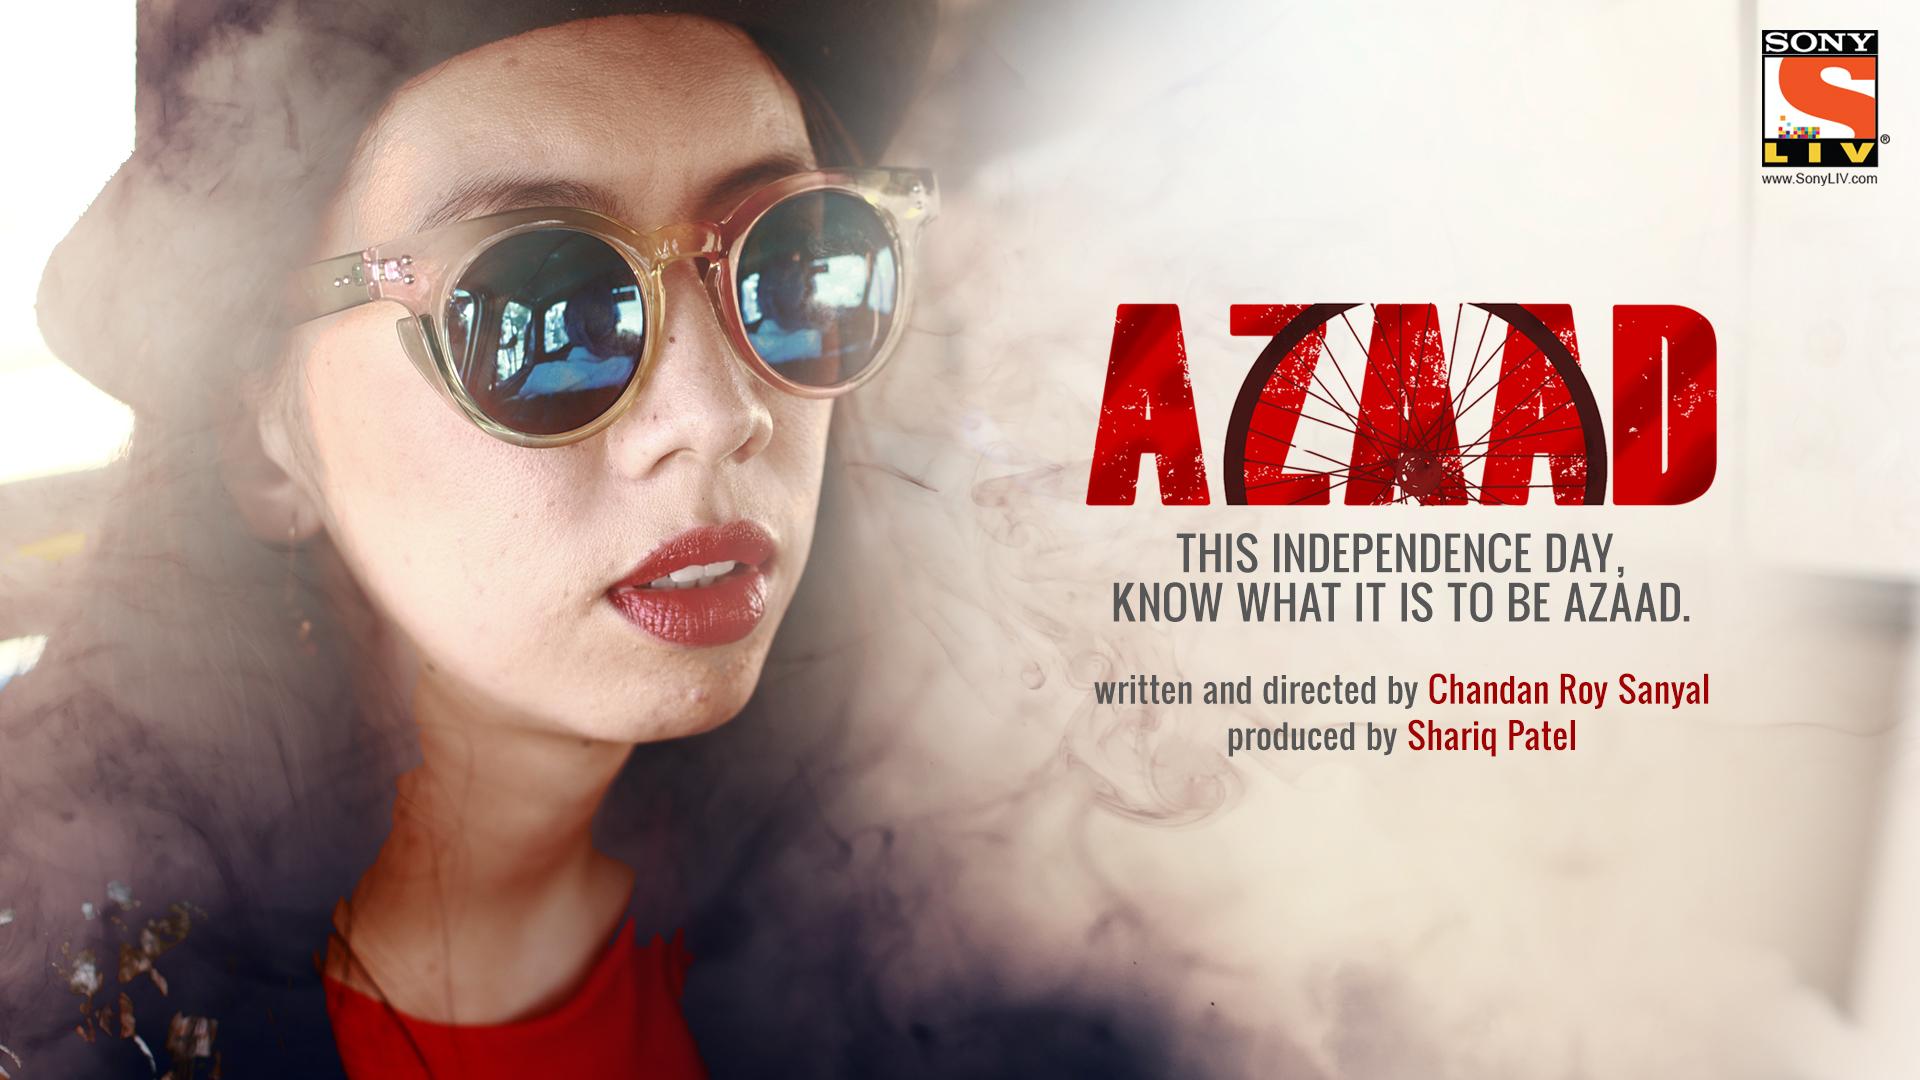 Merenla Imsong in Azaad (2016)